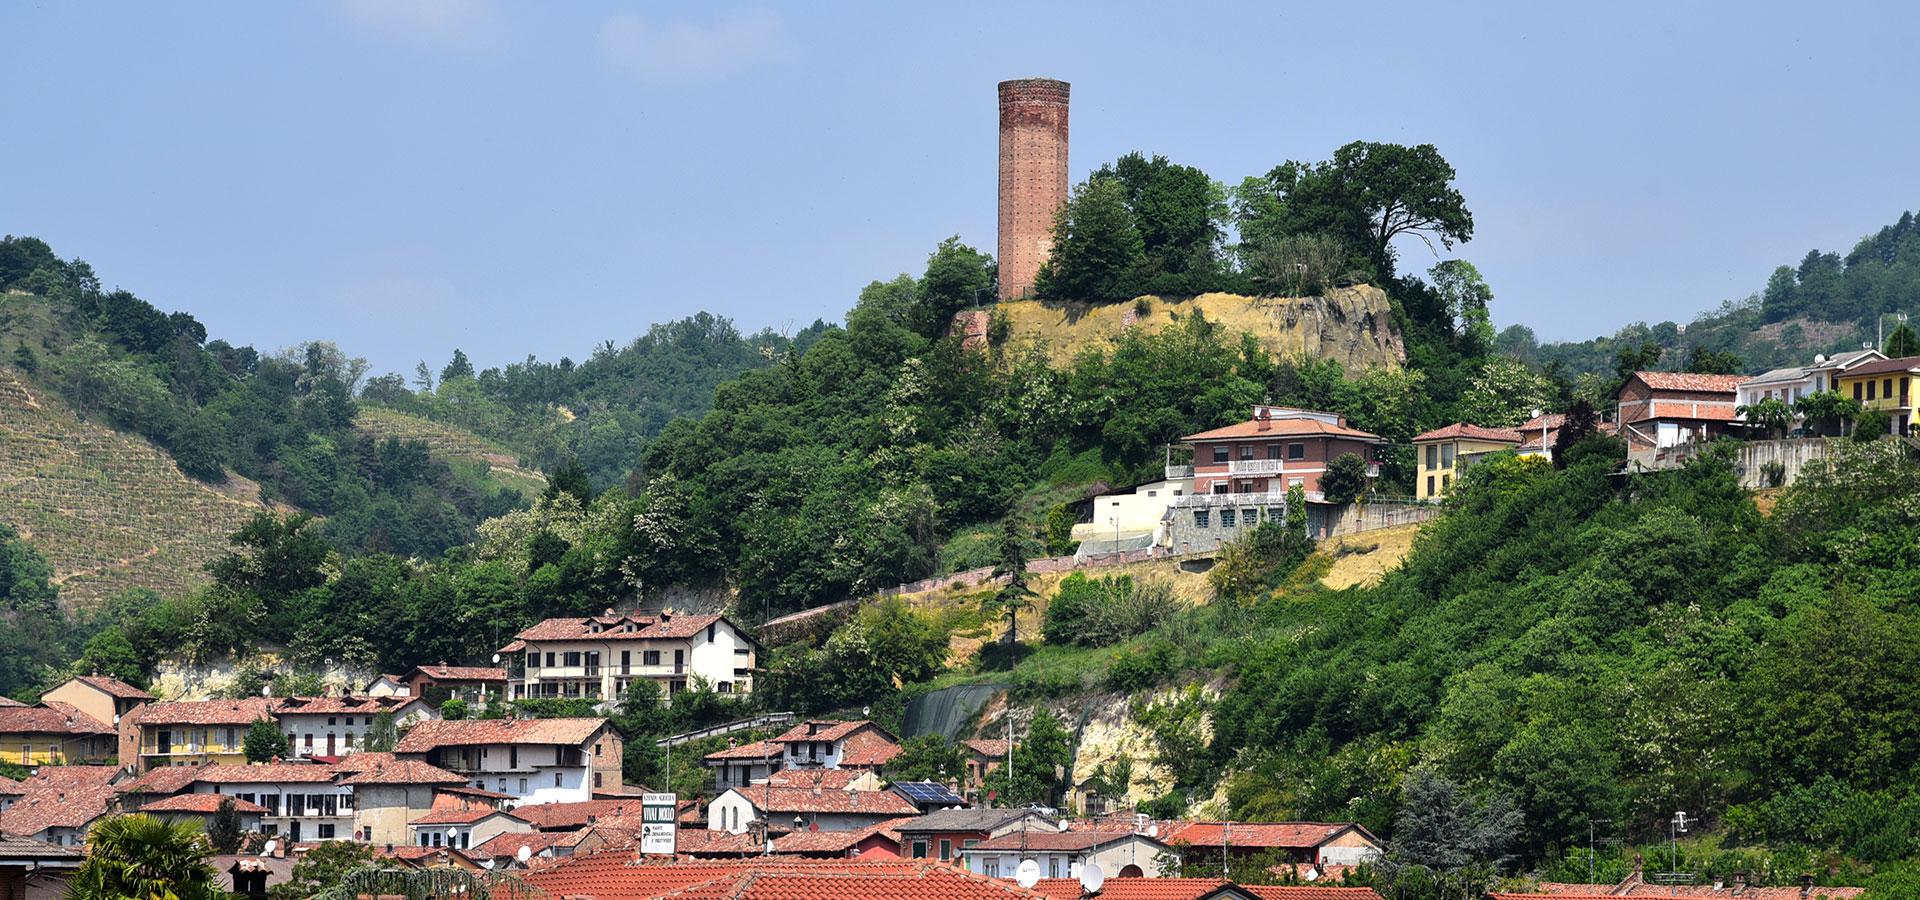 torre-di-corneliano-5